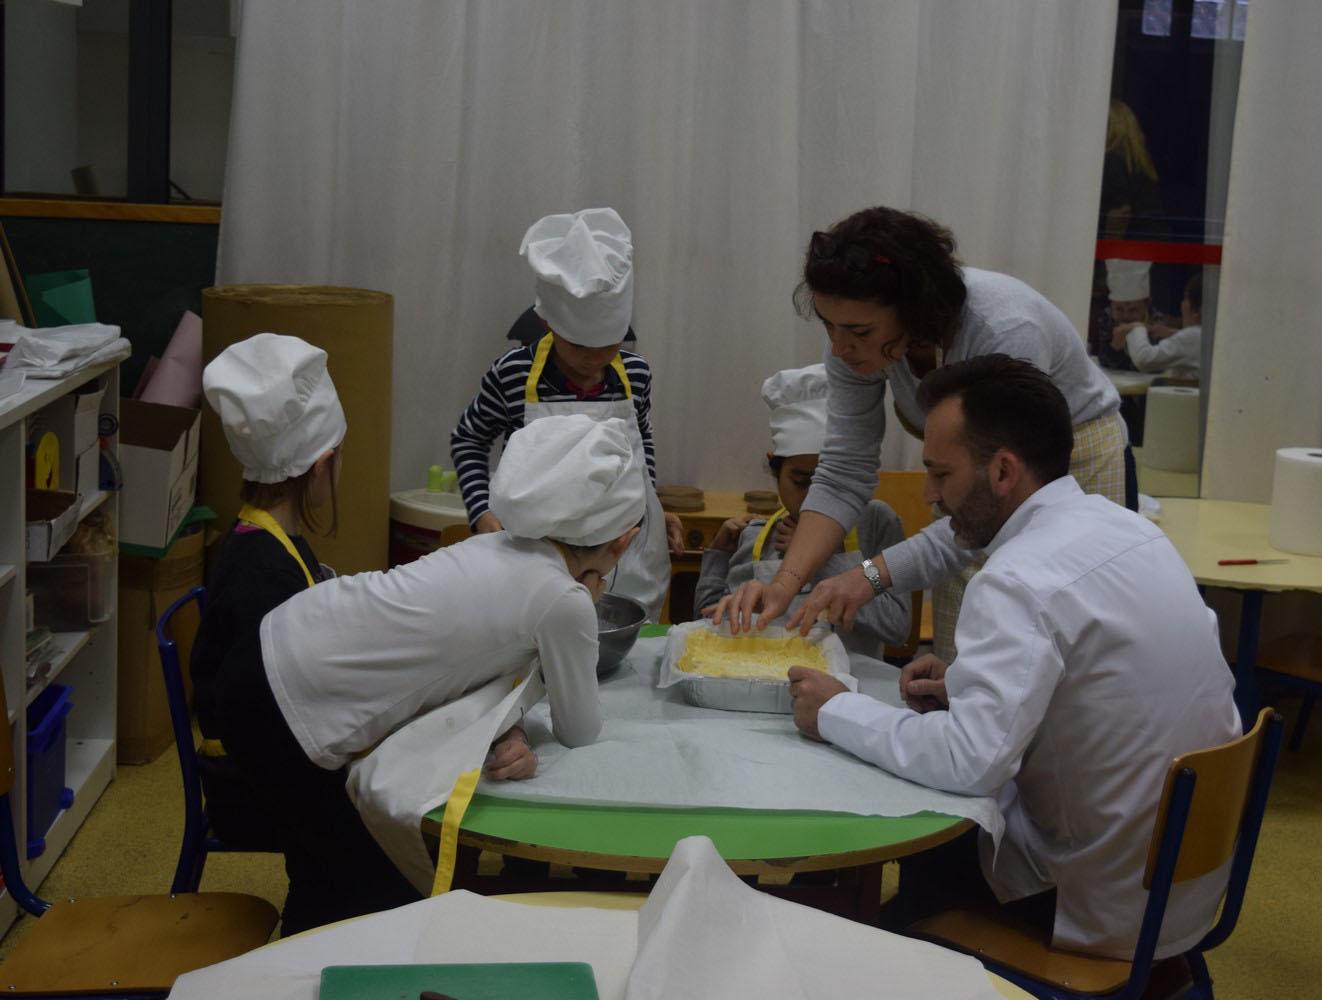 Concours de macarons, au goût de la Grèce-8